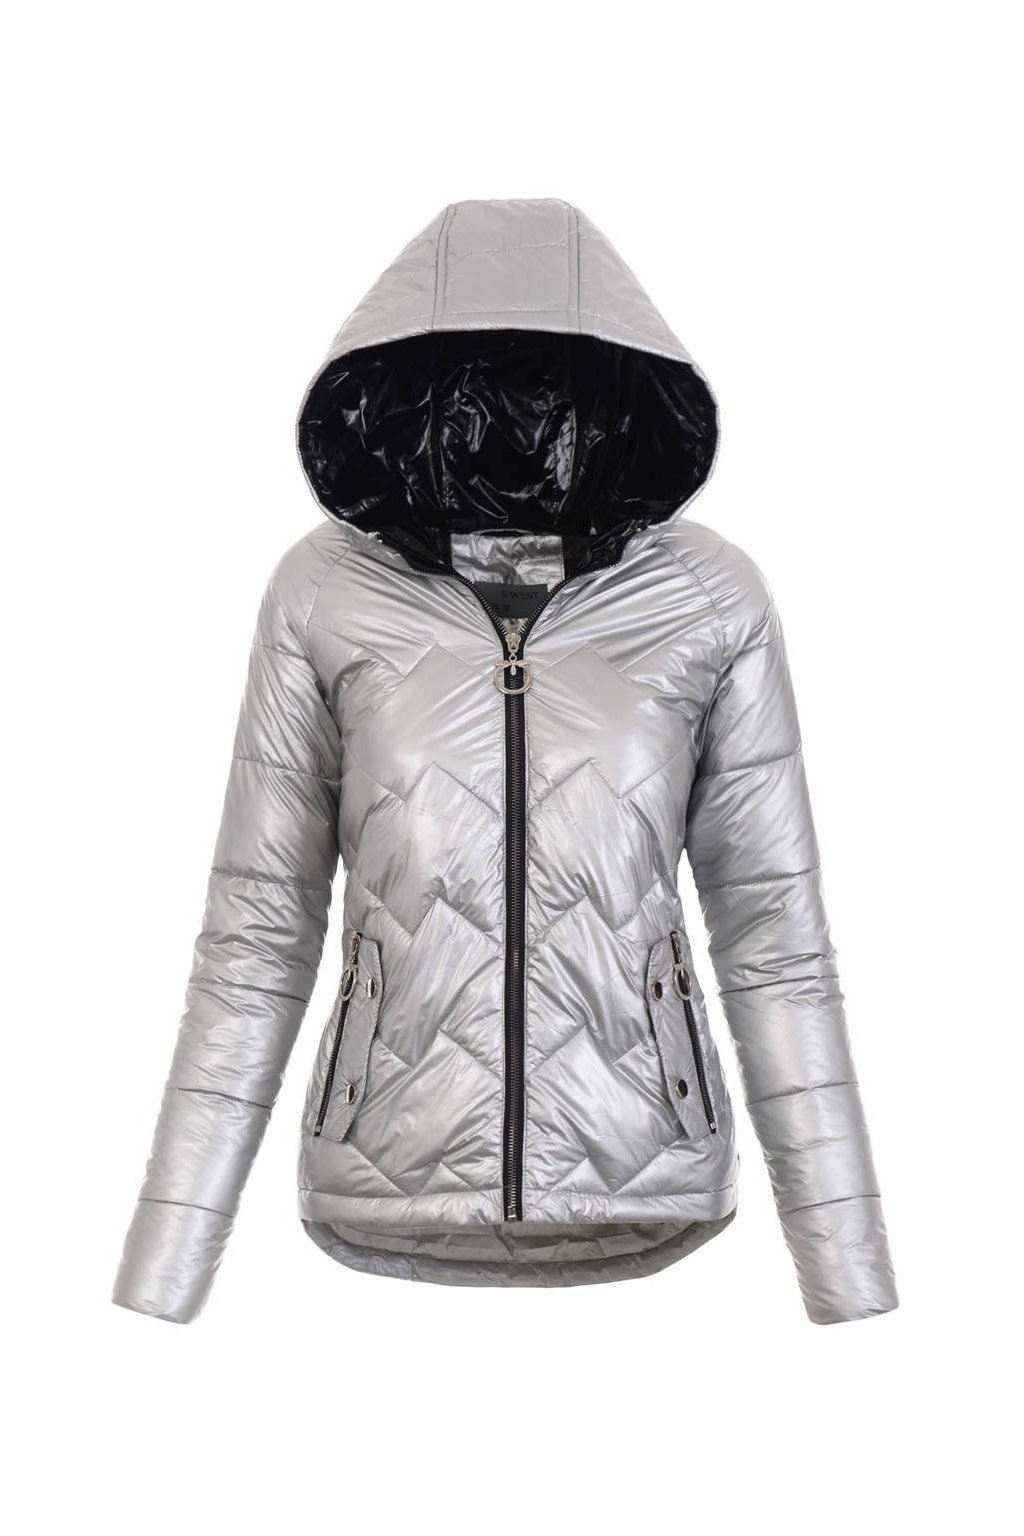 Dámska prechodná bunda s kapucňou 4887 strieborná